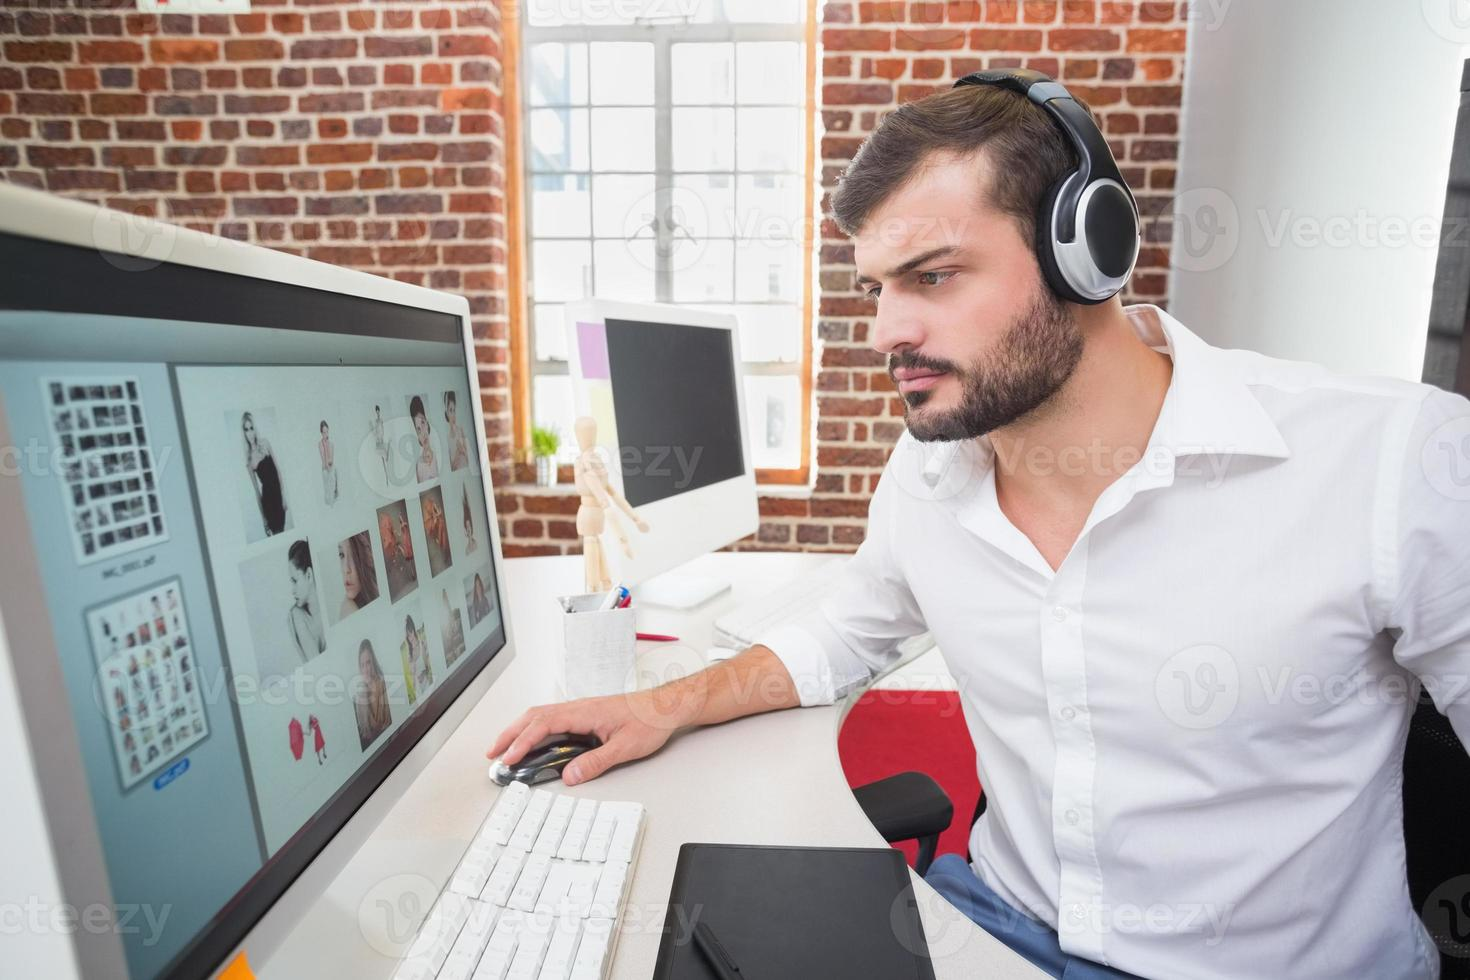 éditeur de photos concentré à l'aide d'un ordinateur au bureau